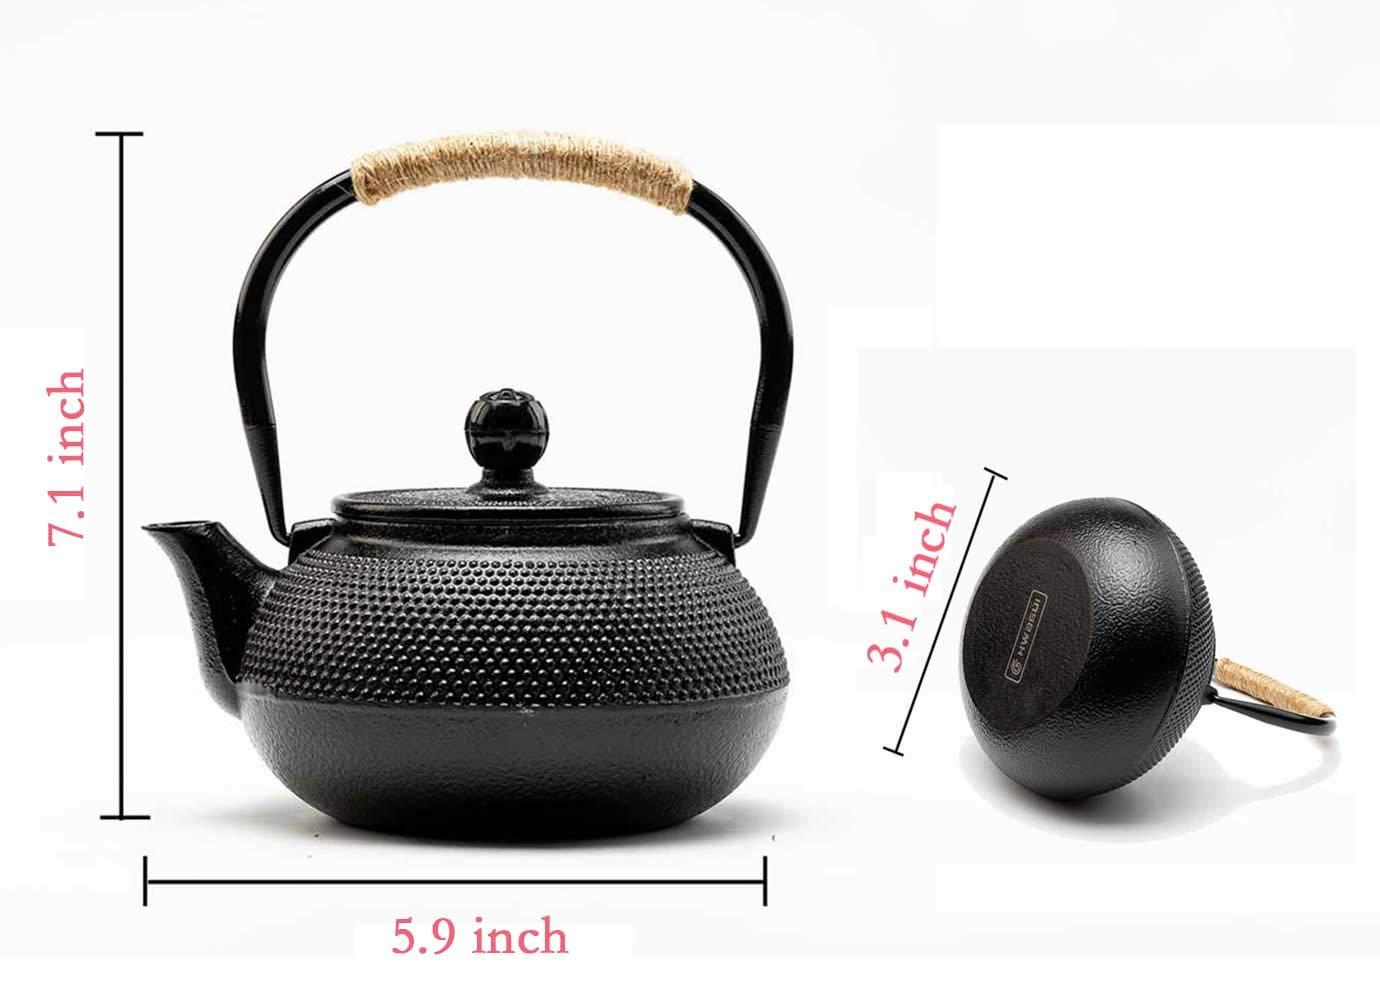 Accesorios para Hervidor de t/é de Kung Fu HwaGui Alfombrilla con Aislamiento de Hierro Fundido Soporte para Tetera Emparejado con Tetera de Hierro